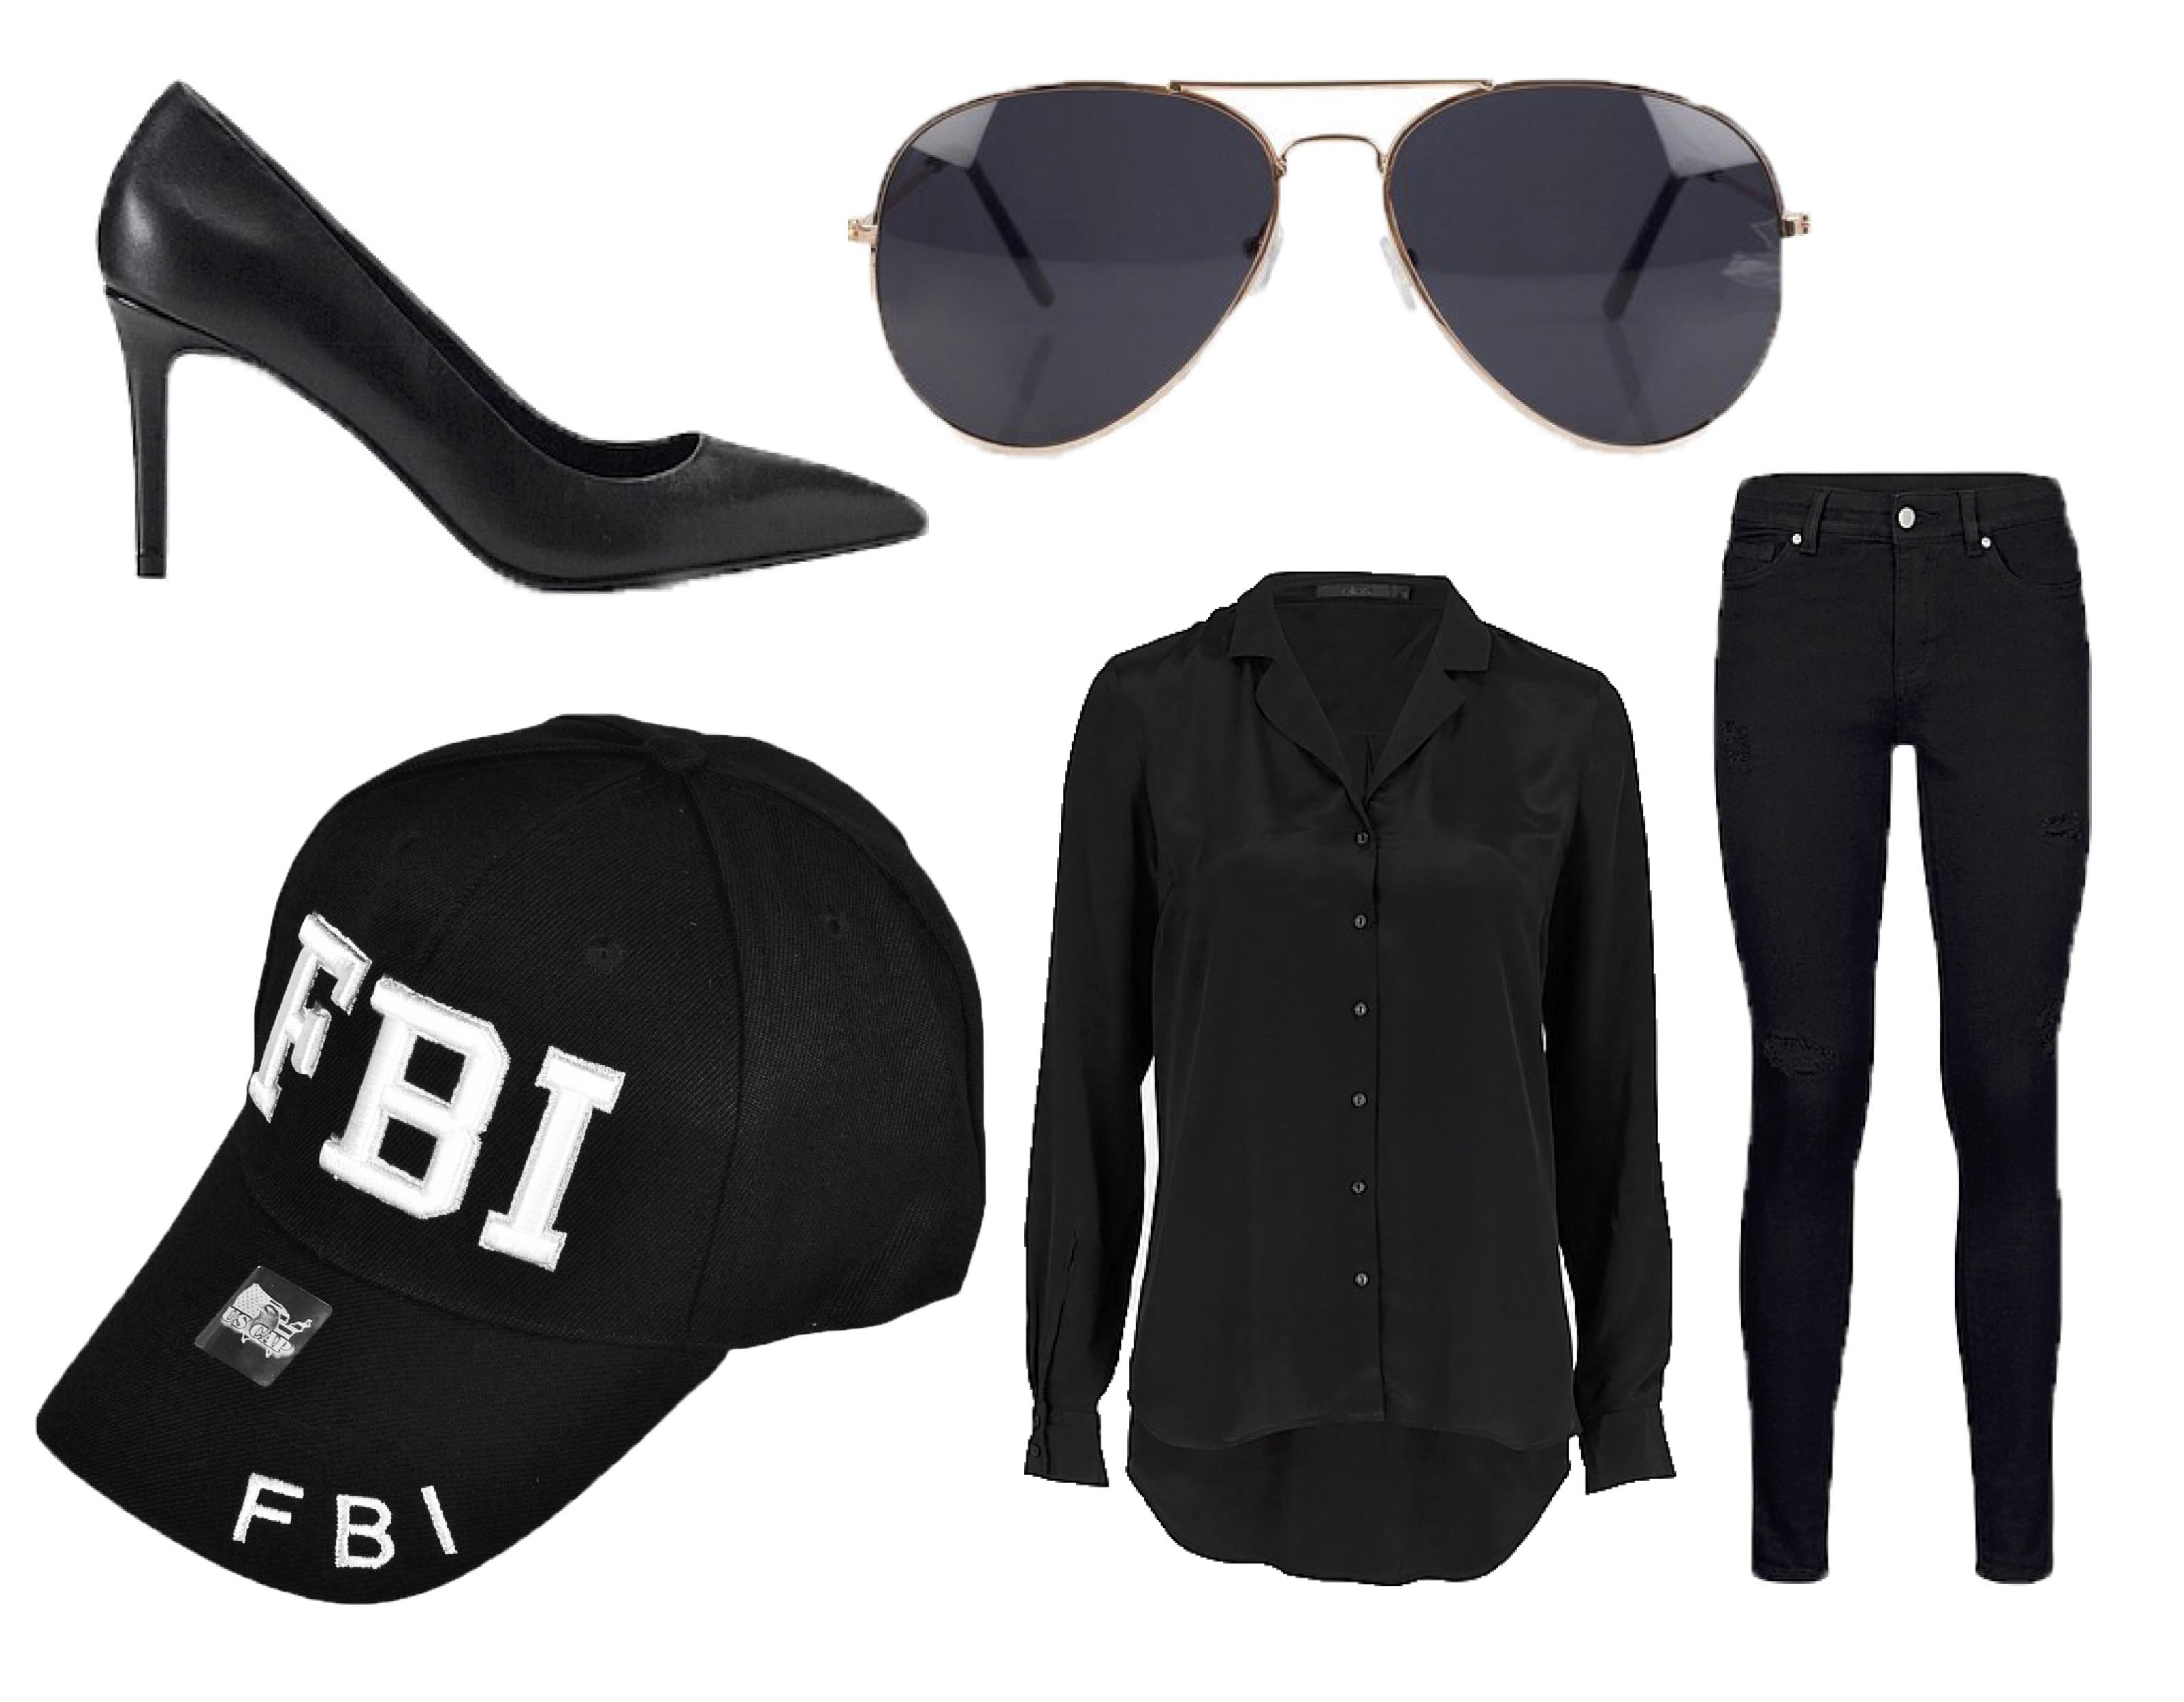 FBI, kostume, fastelavn, fastelavnskostume